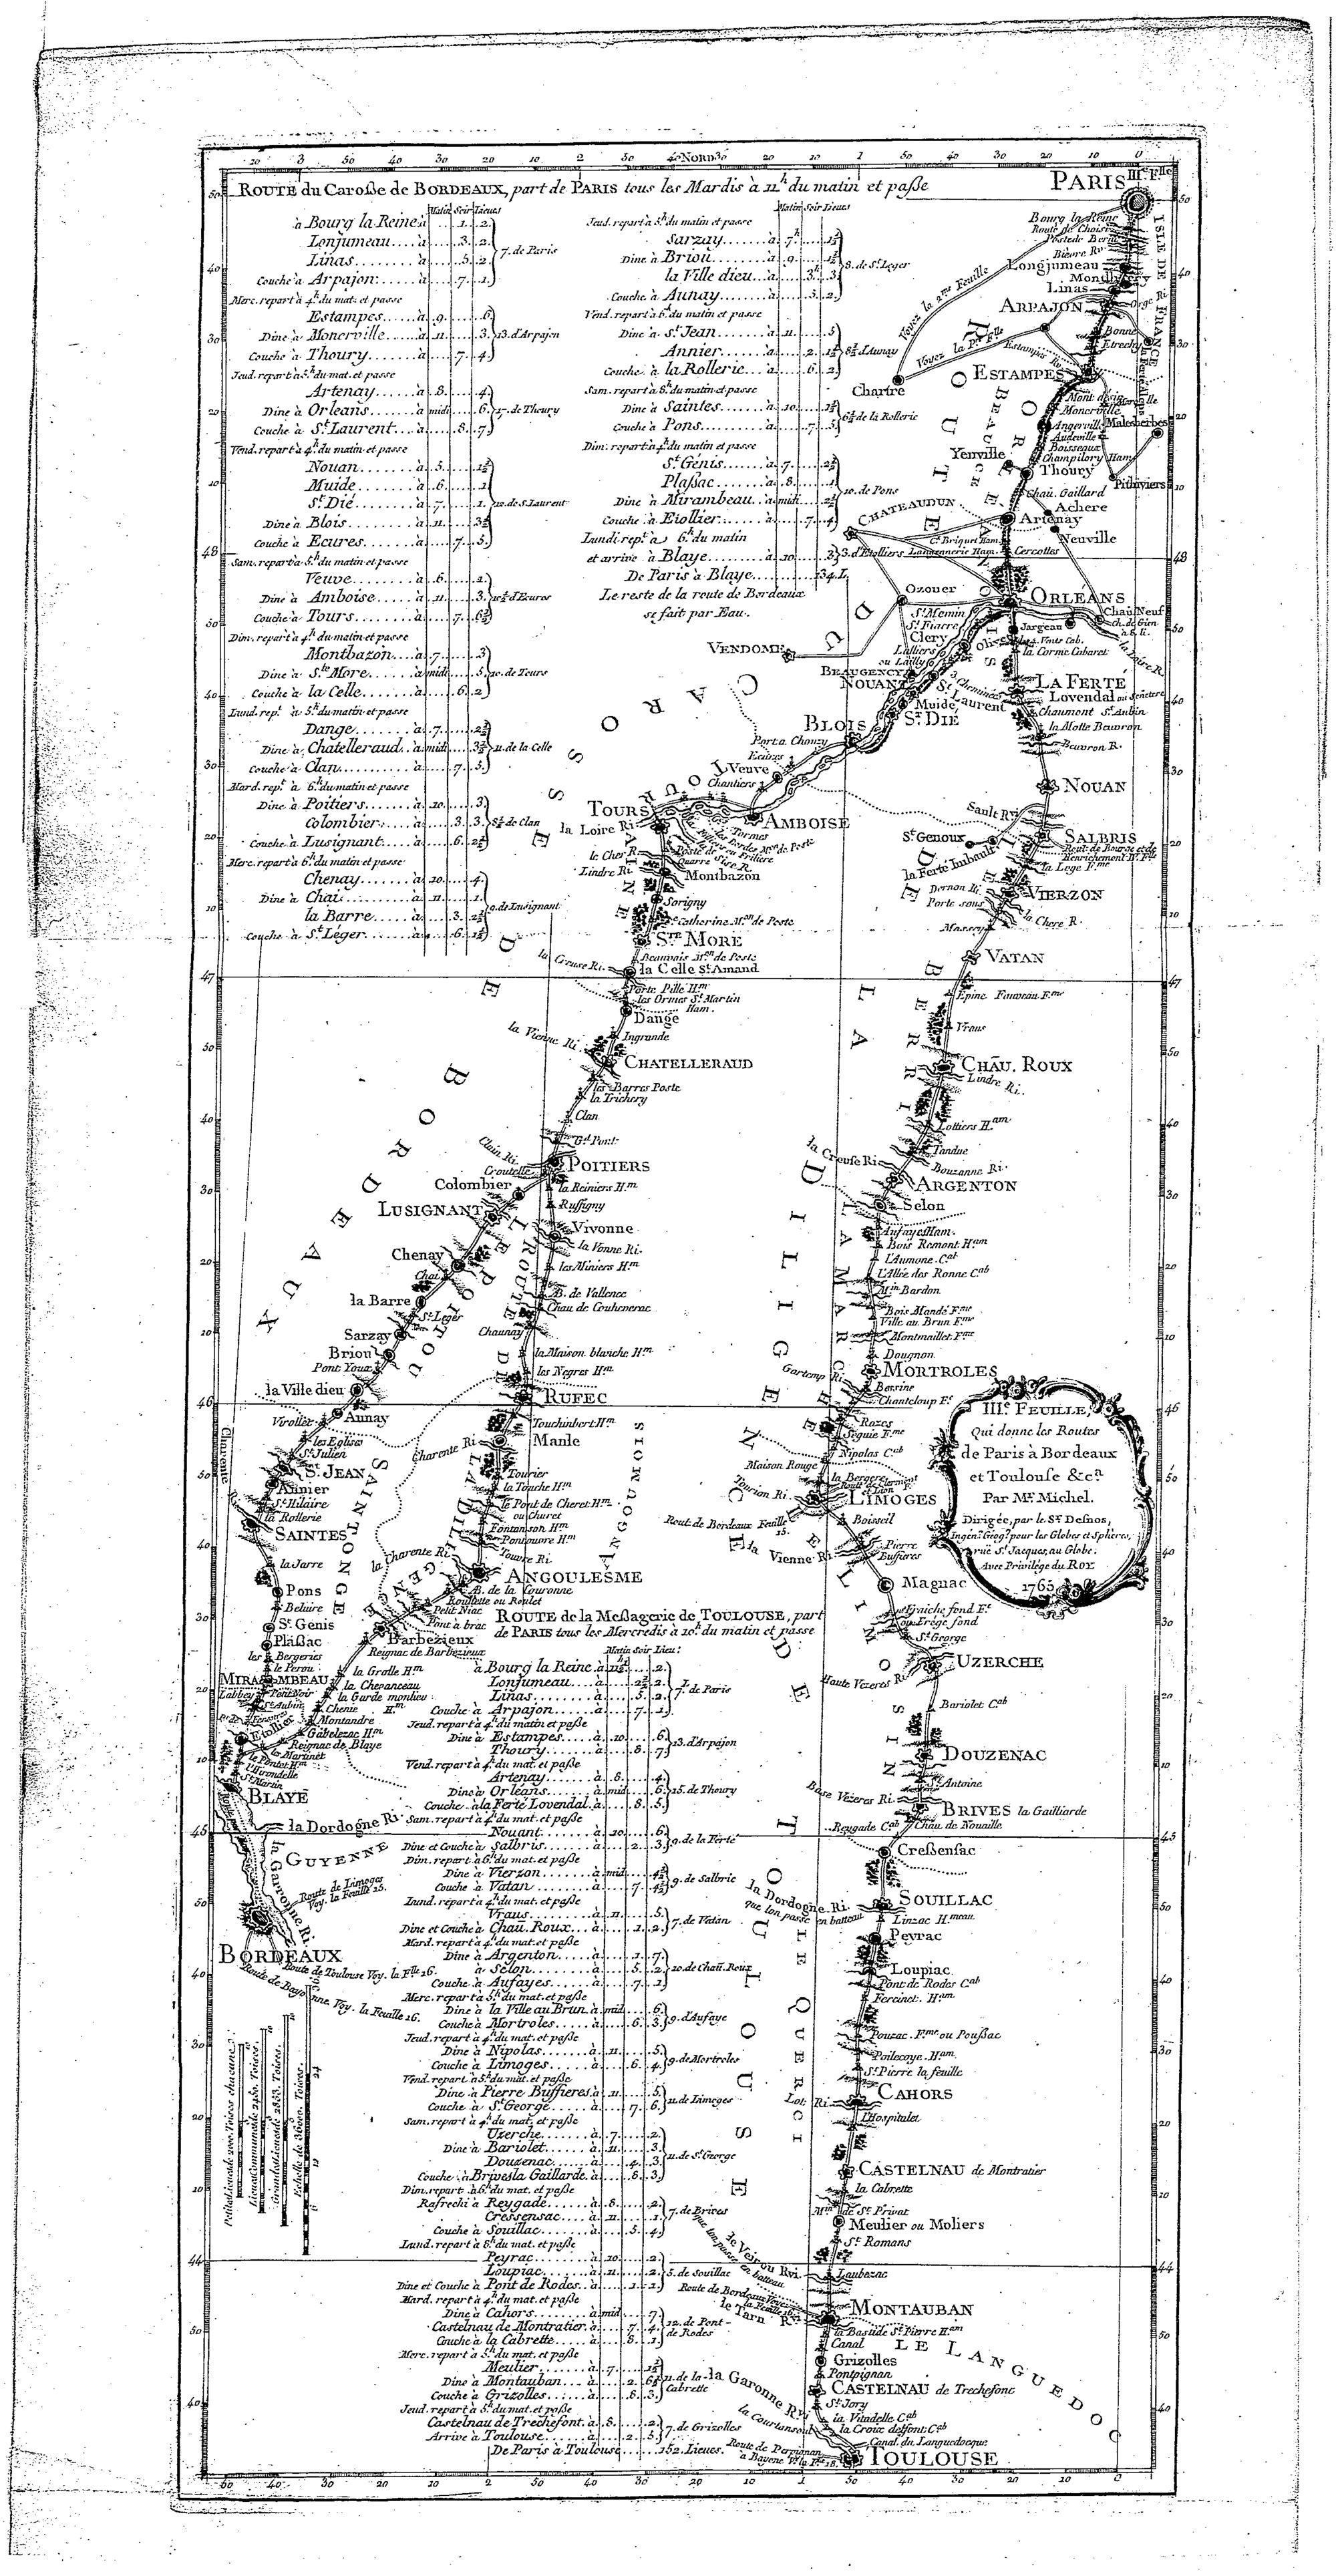 Claude-Sidoine Michel, L'Indicateur fidèle ou Guide des voyageurs, 1765